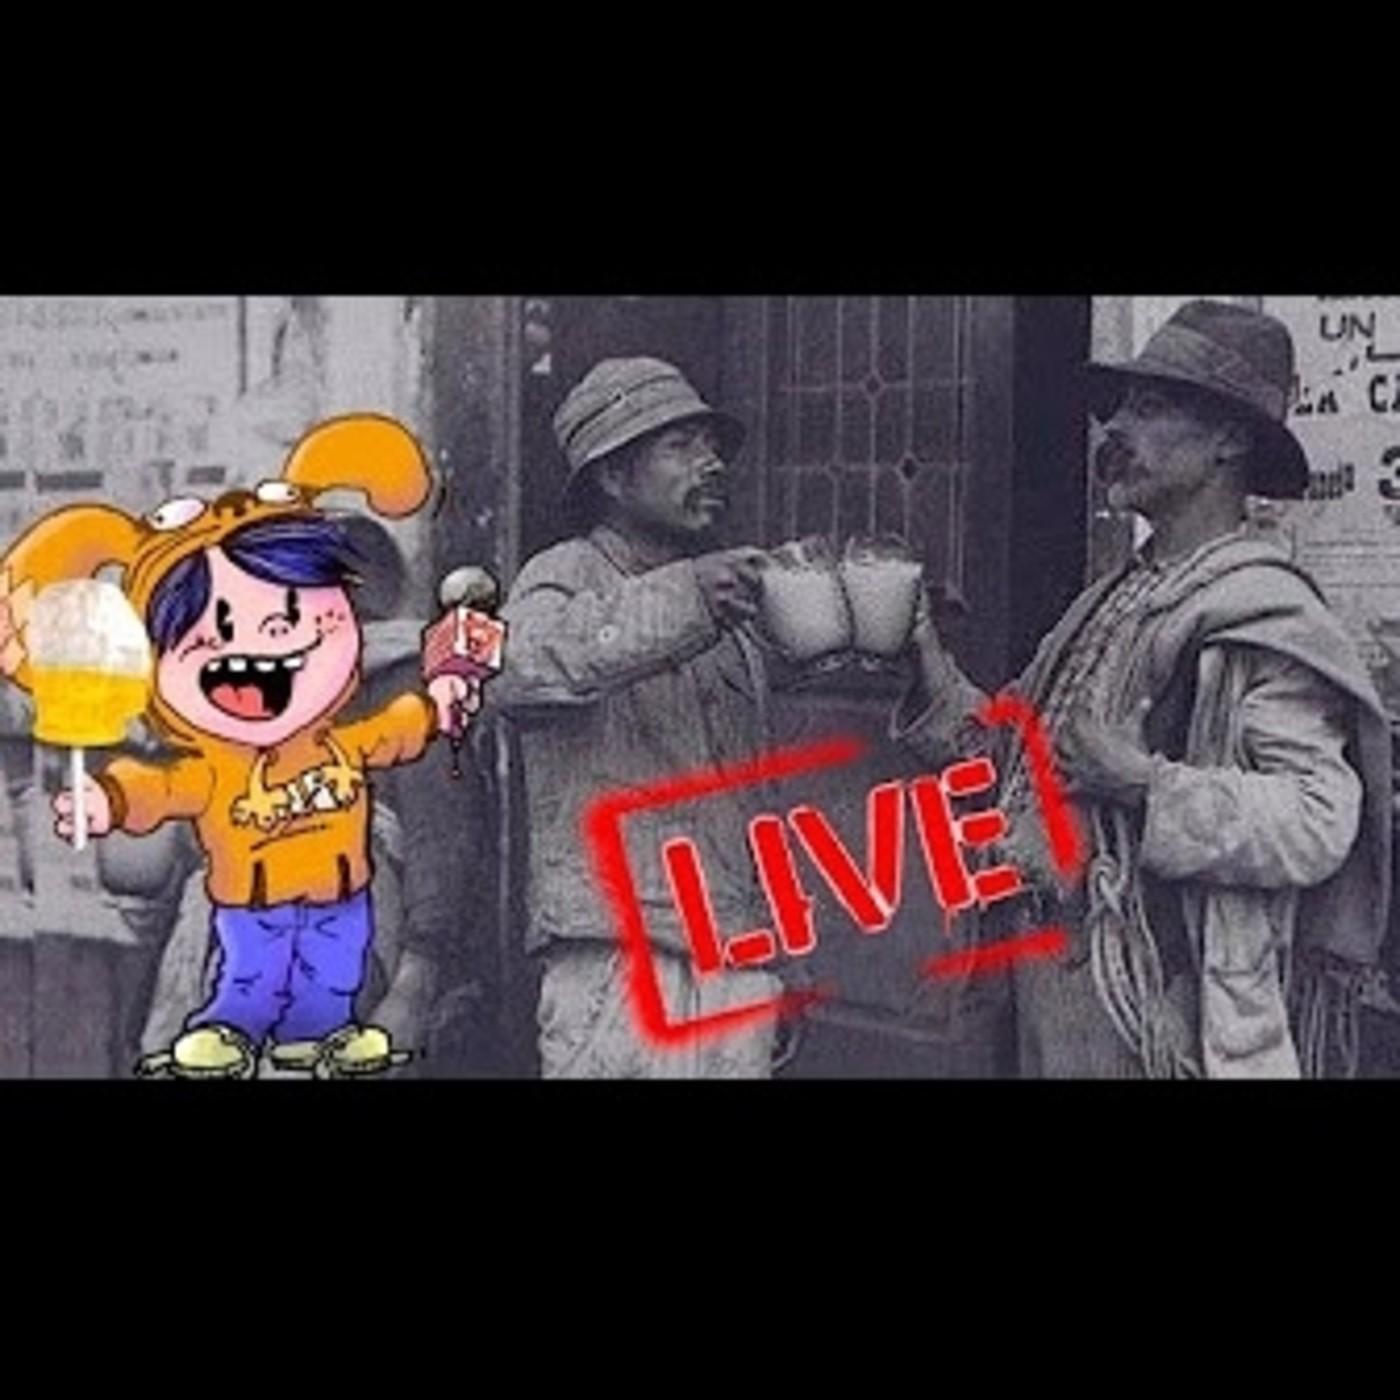 Kaifaz borracho en vivo xd